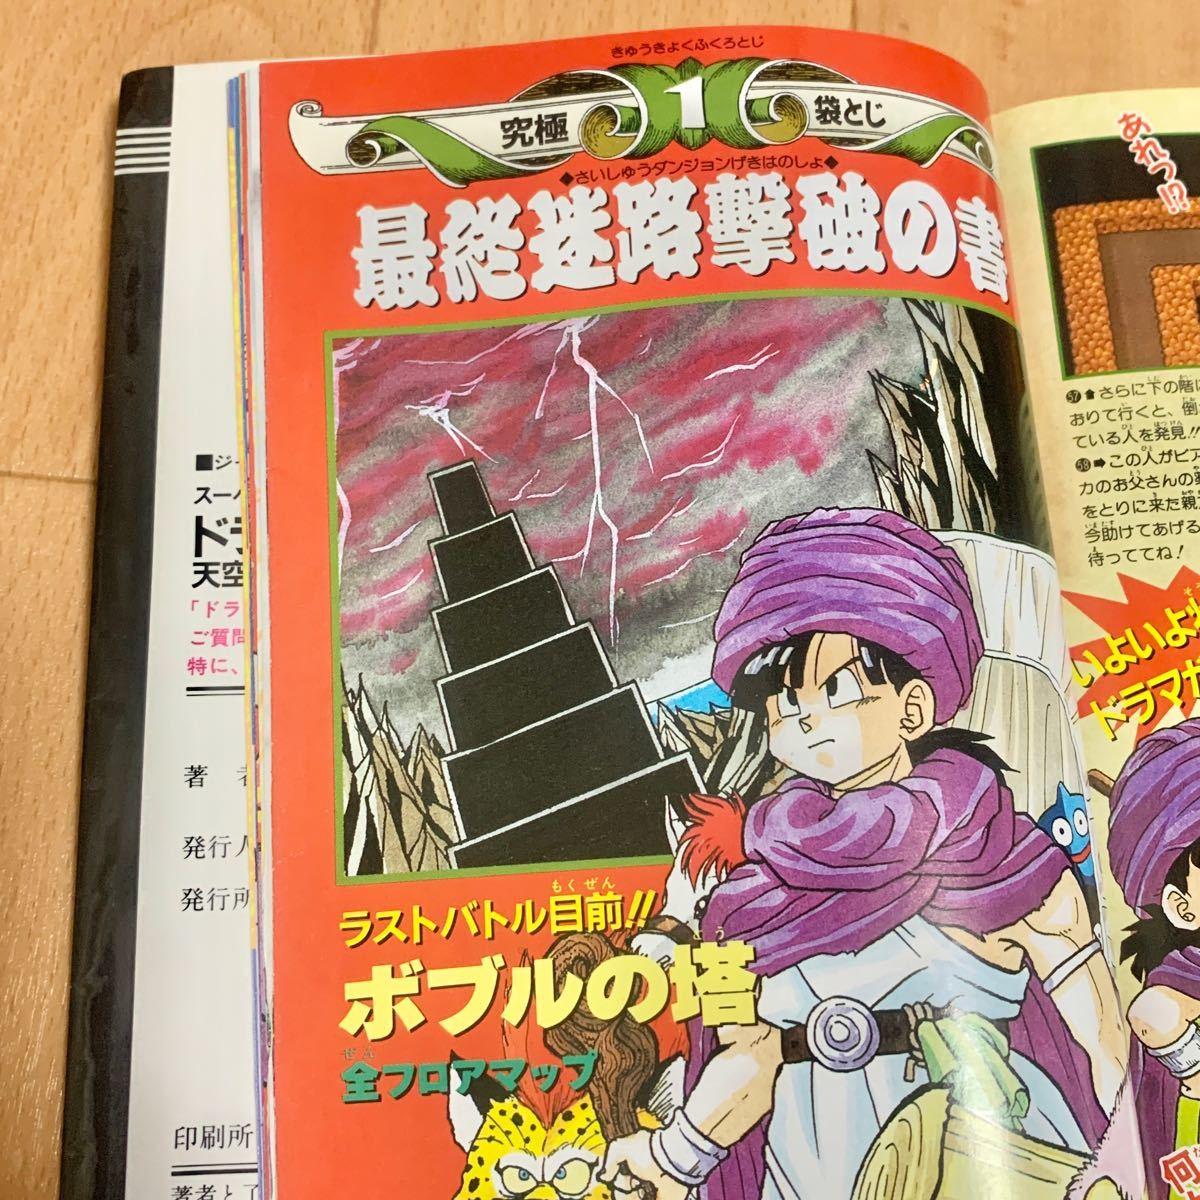 ドラゴンクエストV スーパーファミコン奥義大全書 ジャンプコミックスセレクション